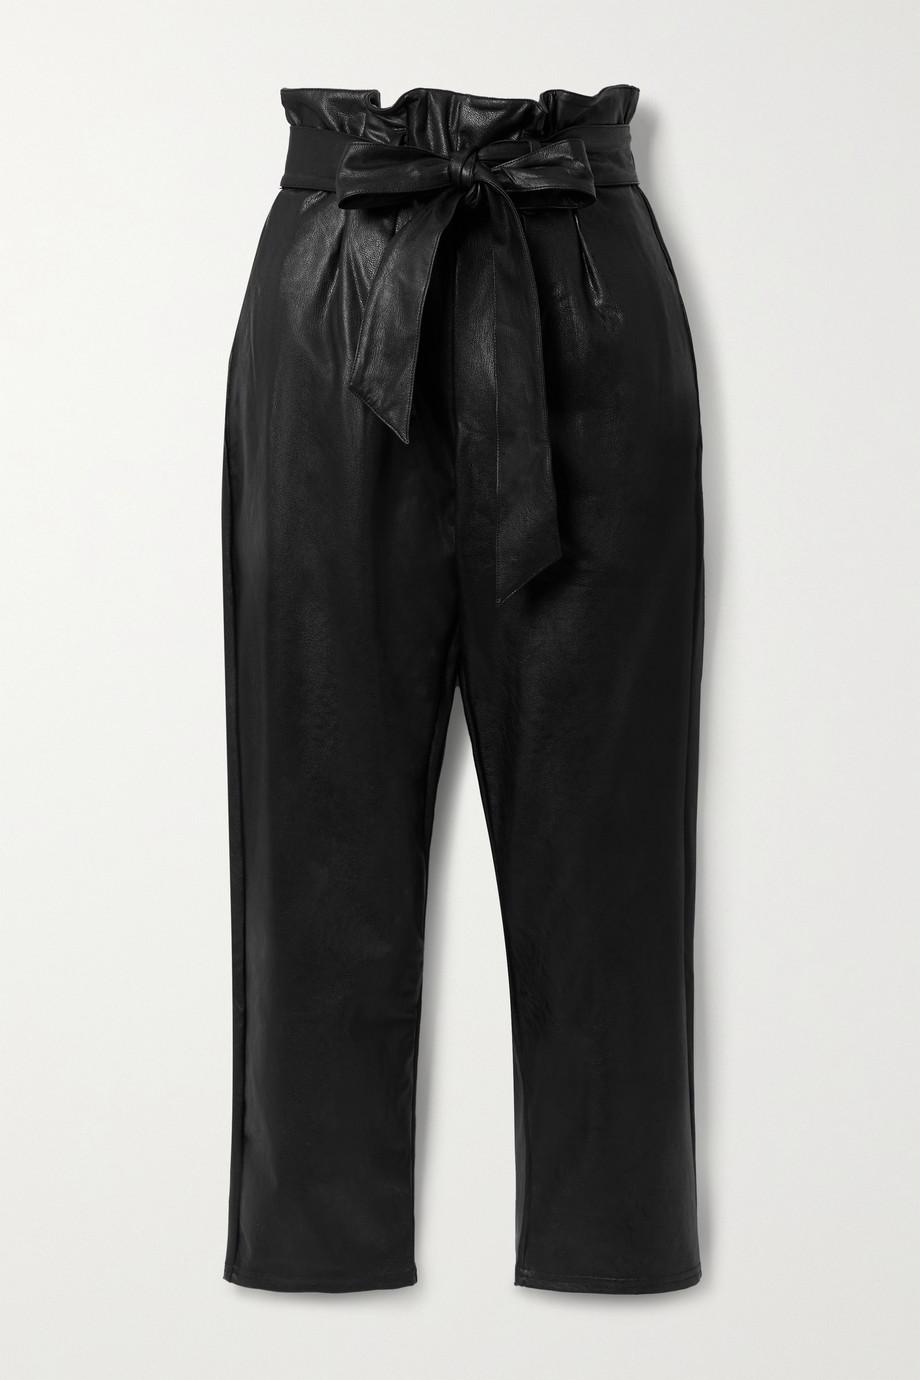 Commando Pantalon fuselé en cuir synthétique à plis et à ceinture